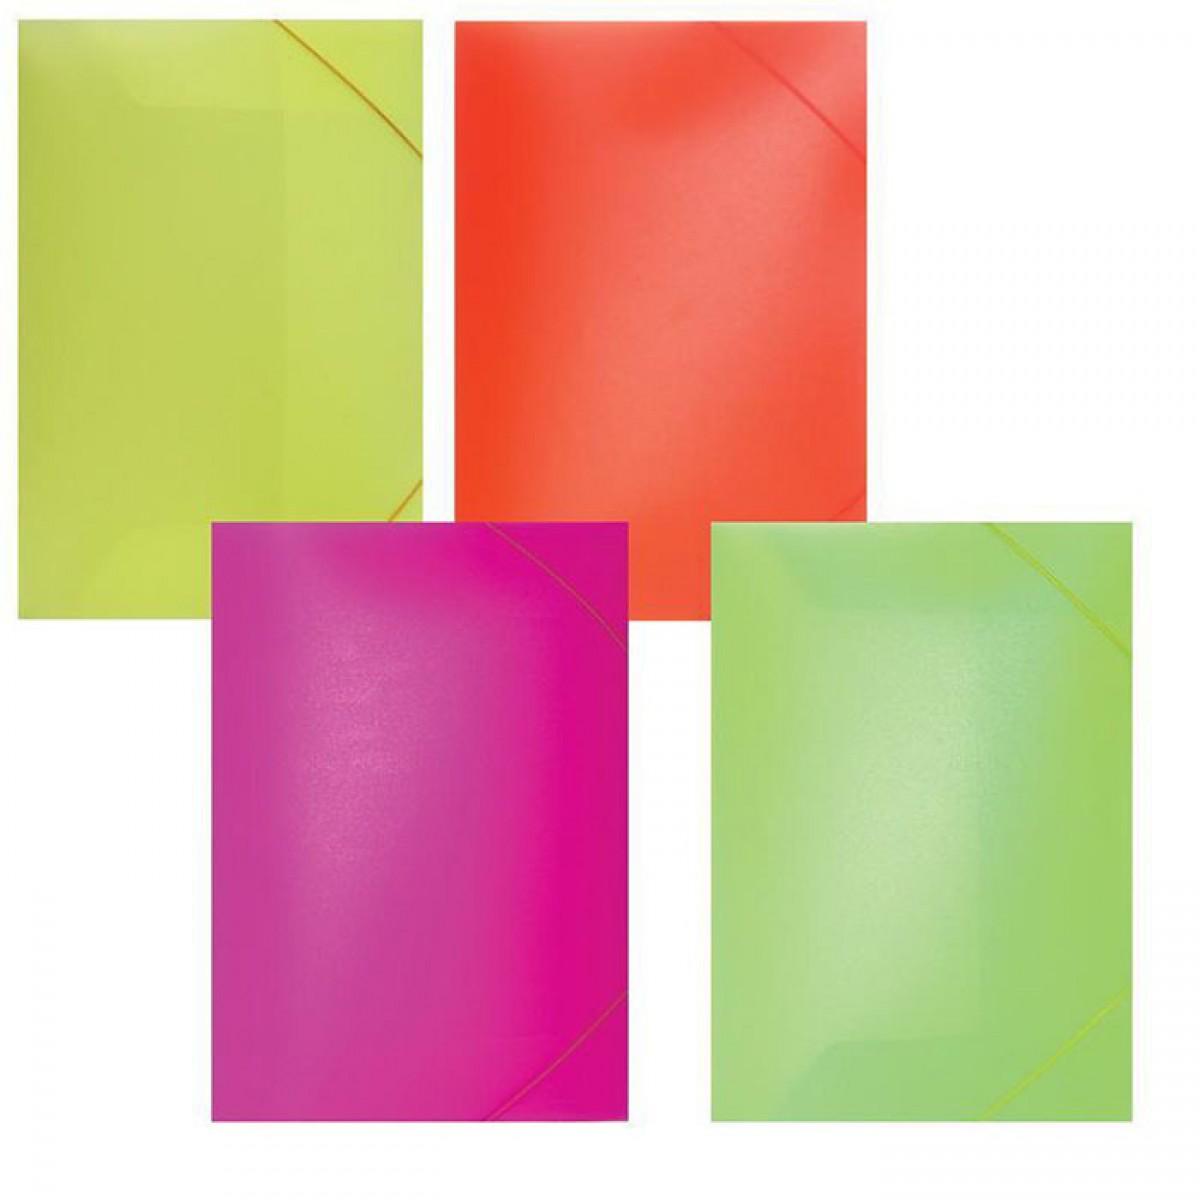 Φάκελος Έντονα Χρώματα 25x35cm Σχολικά Είδη